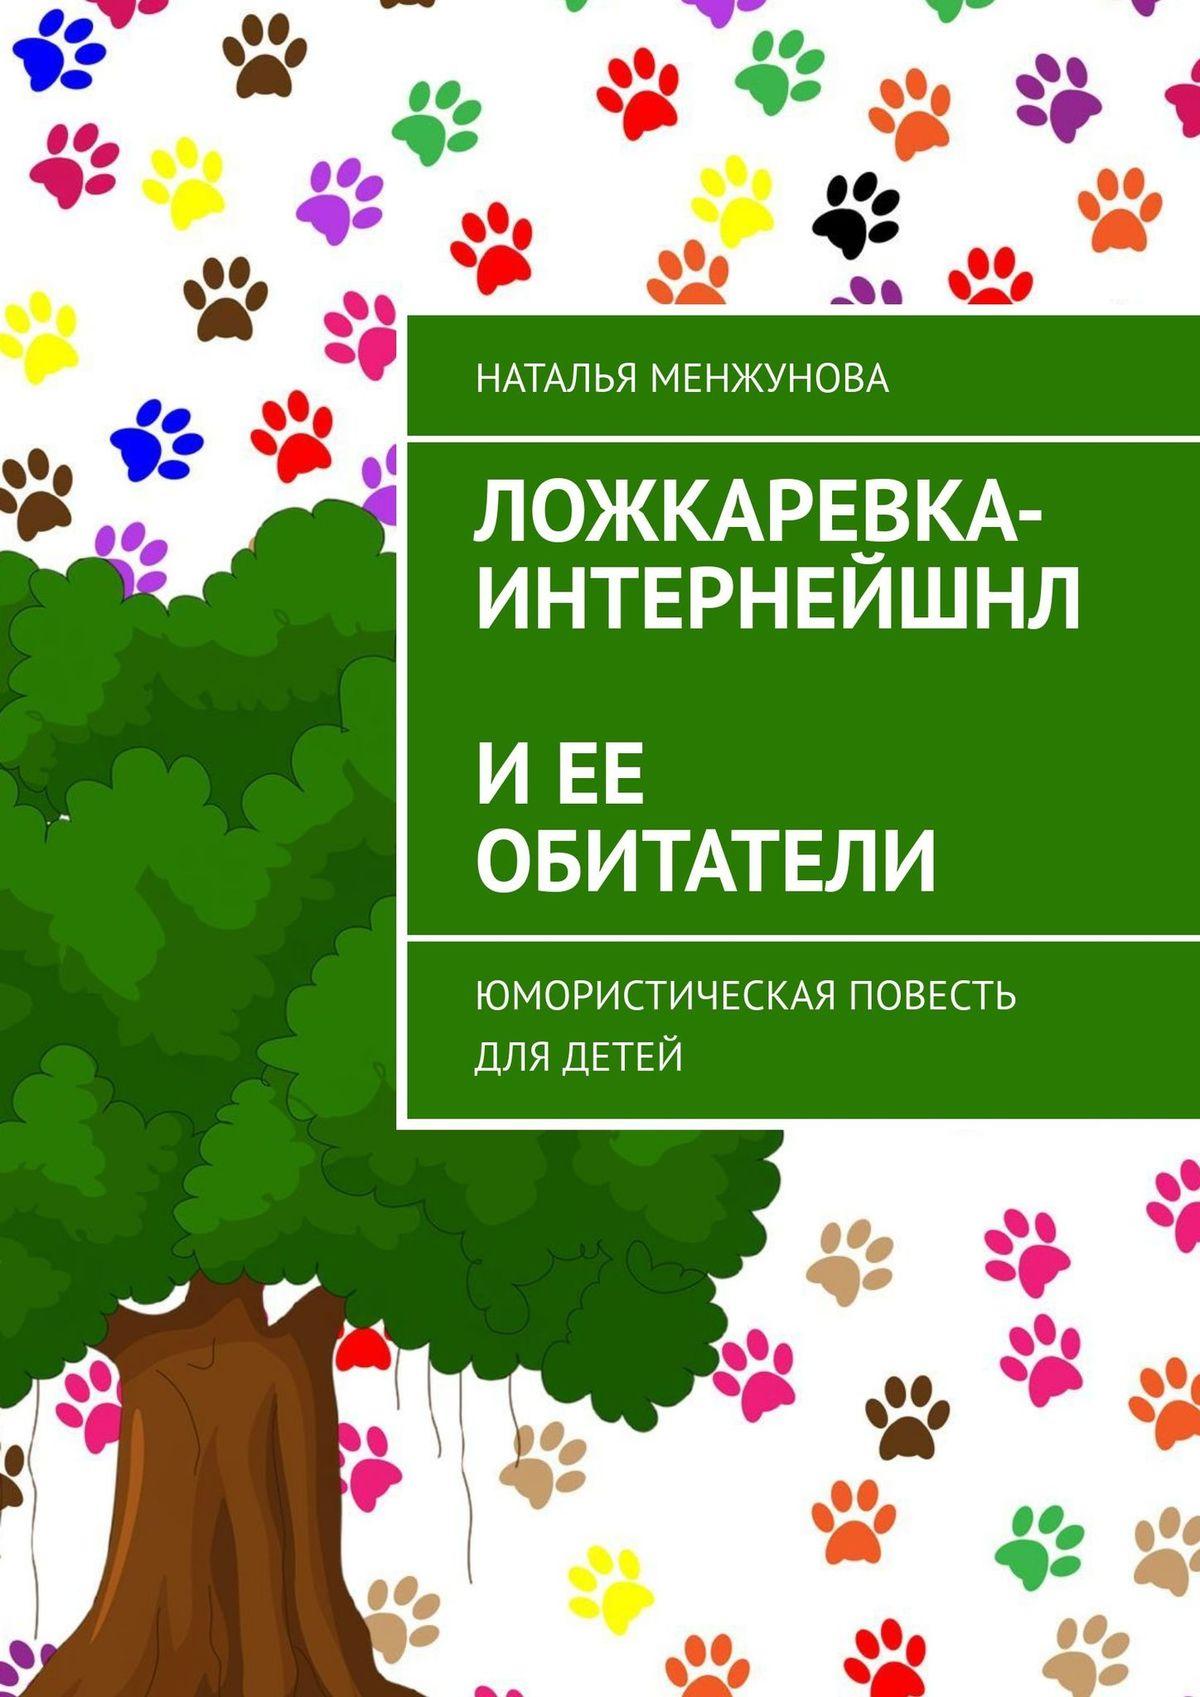 Ложкаревка-Интернейшнл иее обитатели. Юмористическая повесть для детей